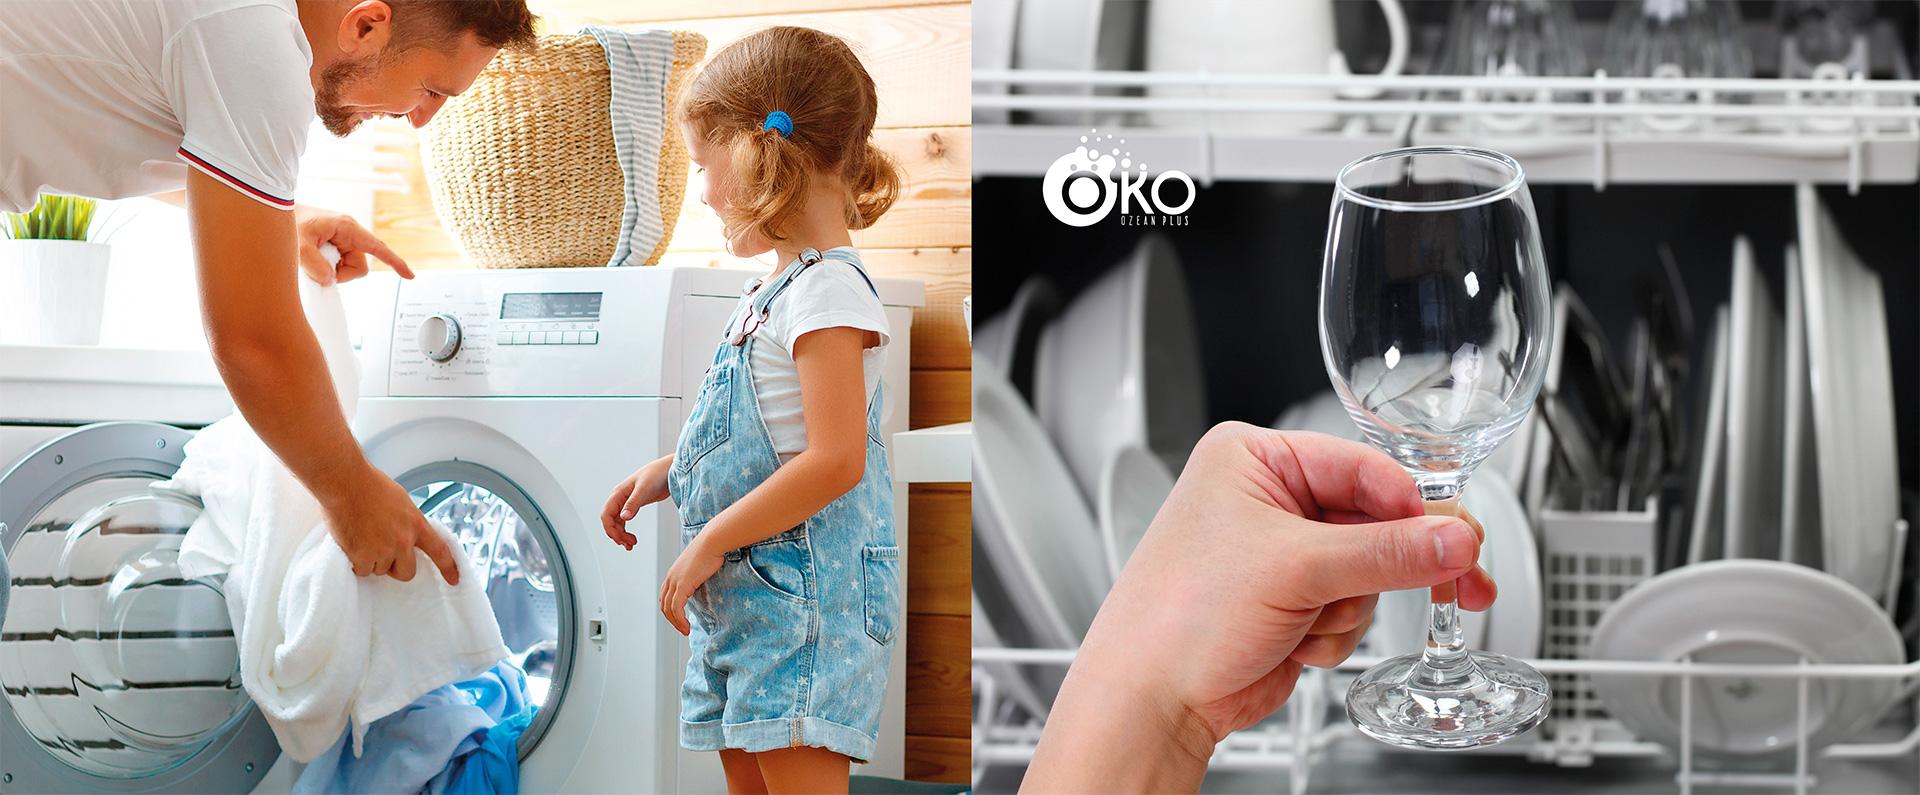 LUFTHOUS - OKO OZEAN PLUS - PRODUCTOS LUFTHOUS - FILTRADORES DE AIRE - OZONO - COCINA - LAVADORA - LAVAVAJILLAS